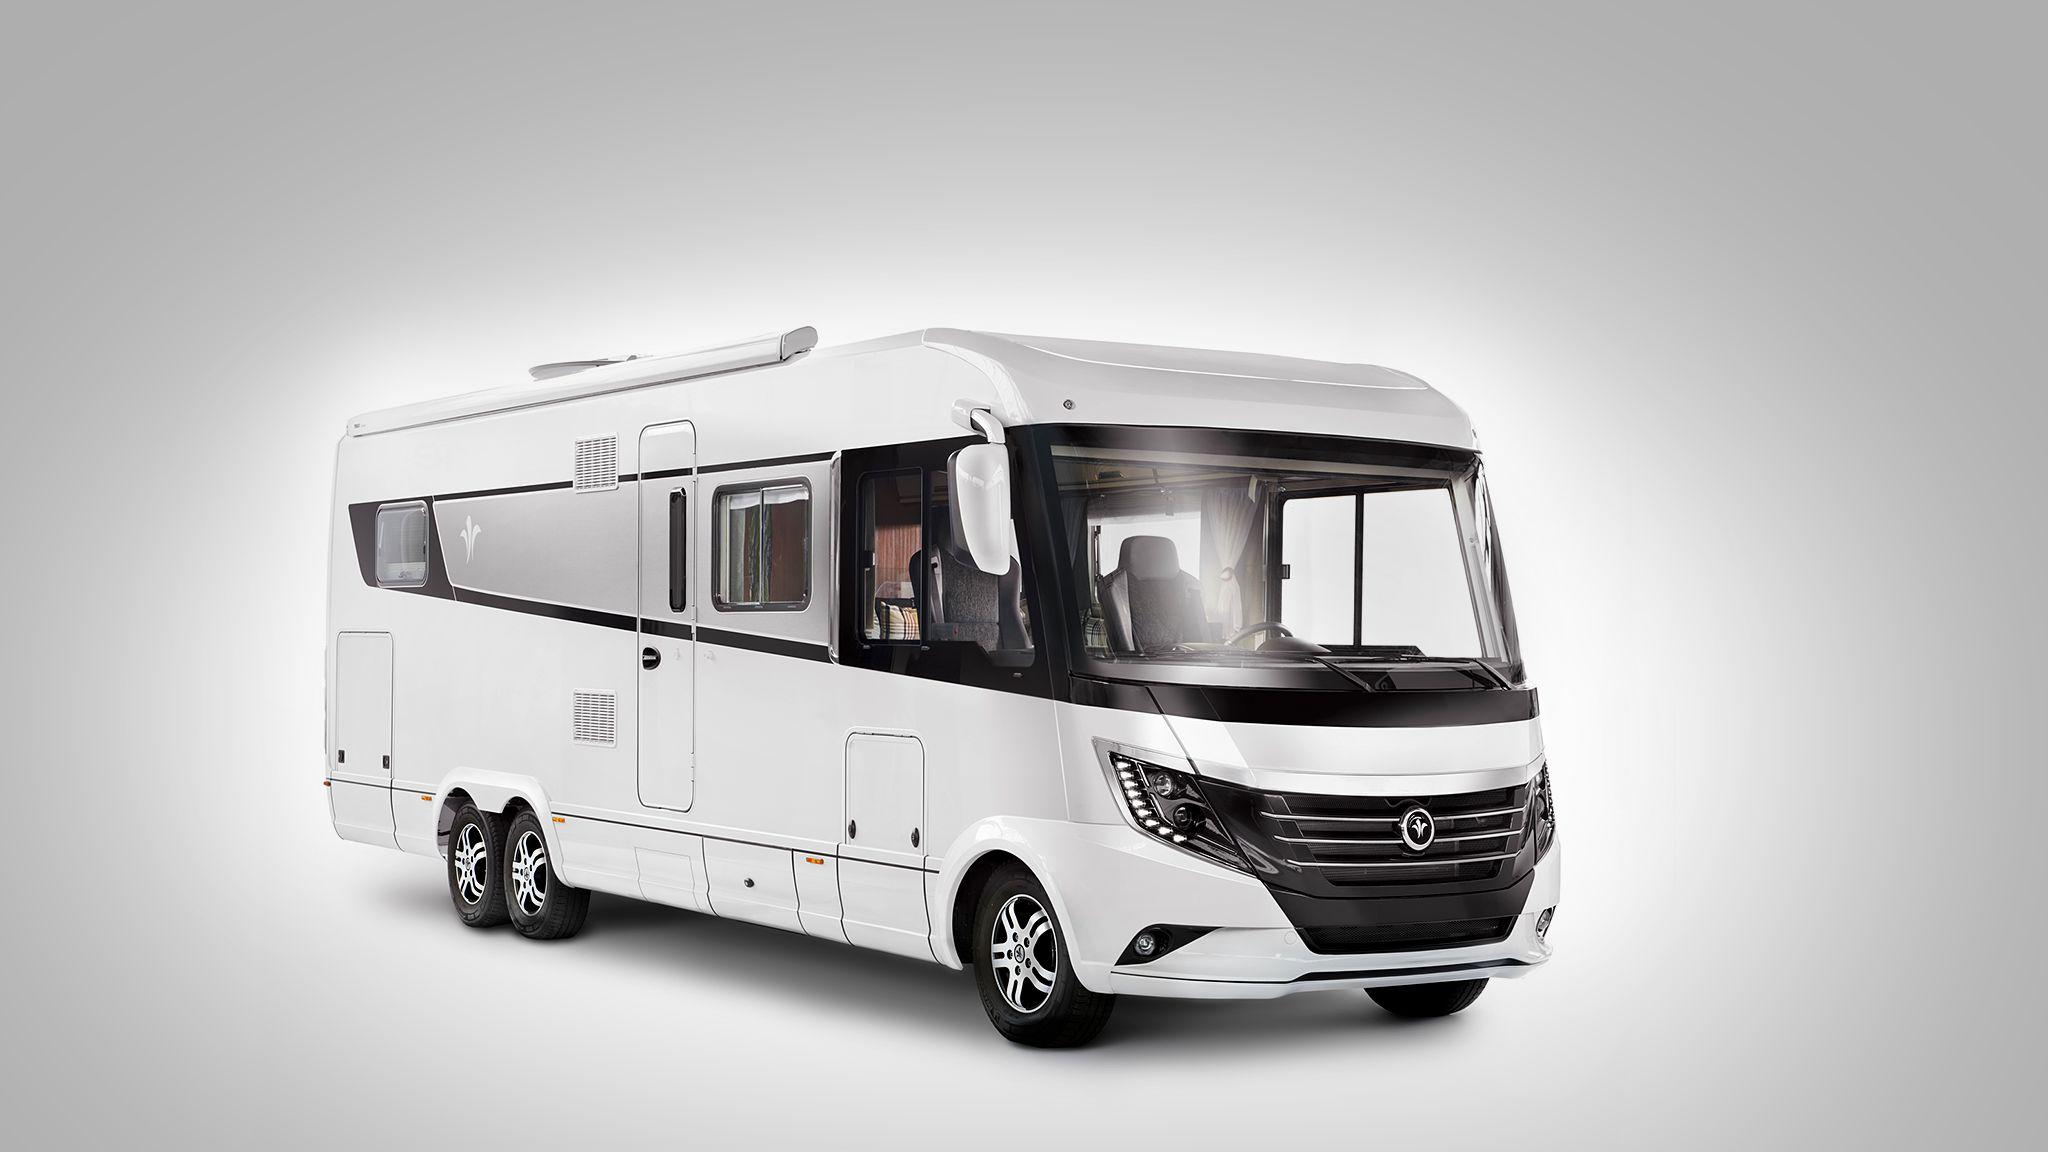 swissplast: Kunststoffkomponenten für Wohnwagen und Caravan